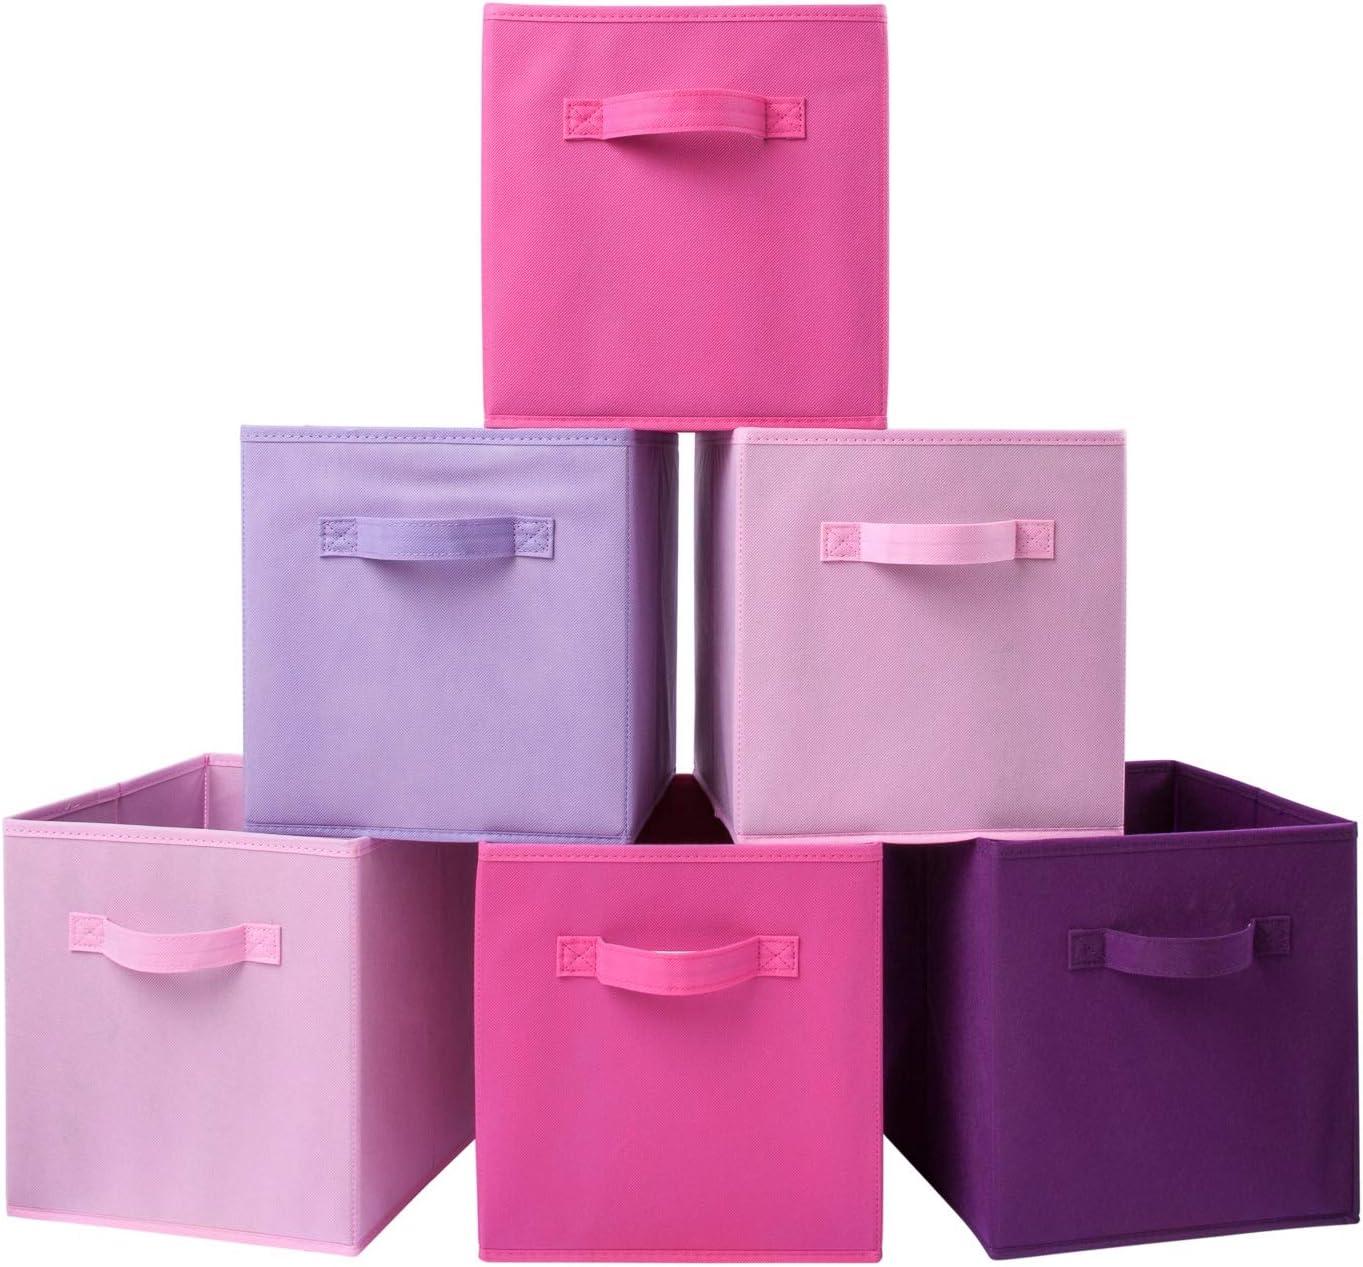 Homelife - Juego de 6 cajas de almacenamiento plegables para la colada, dormitorio, juguetes, guardería, estantería, mascotas, color rosa